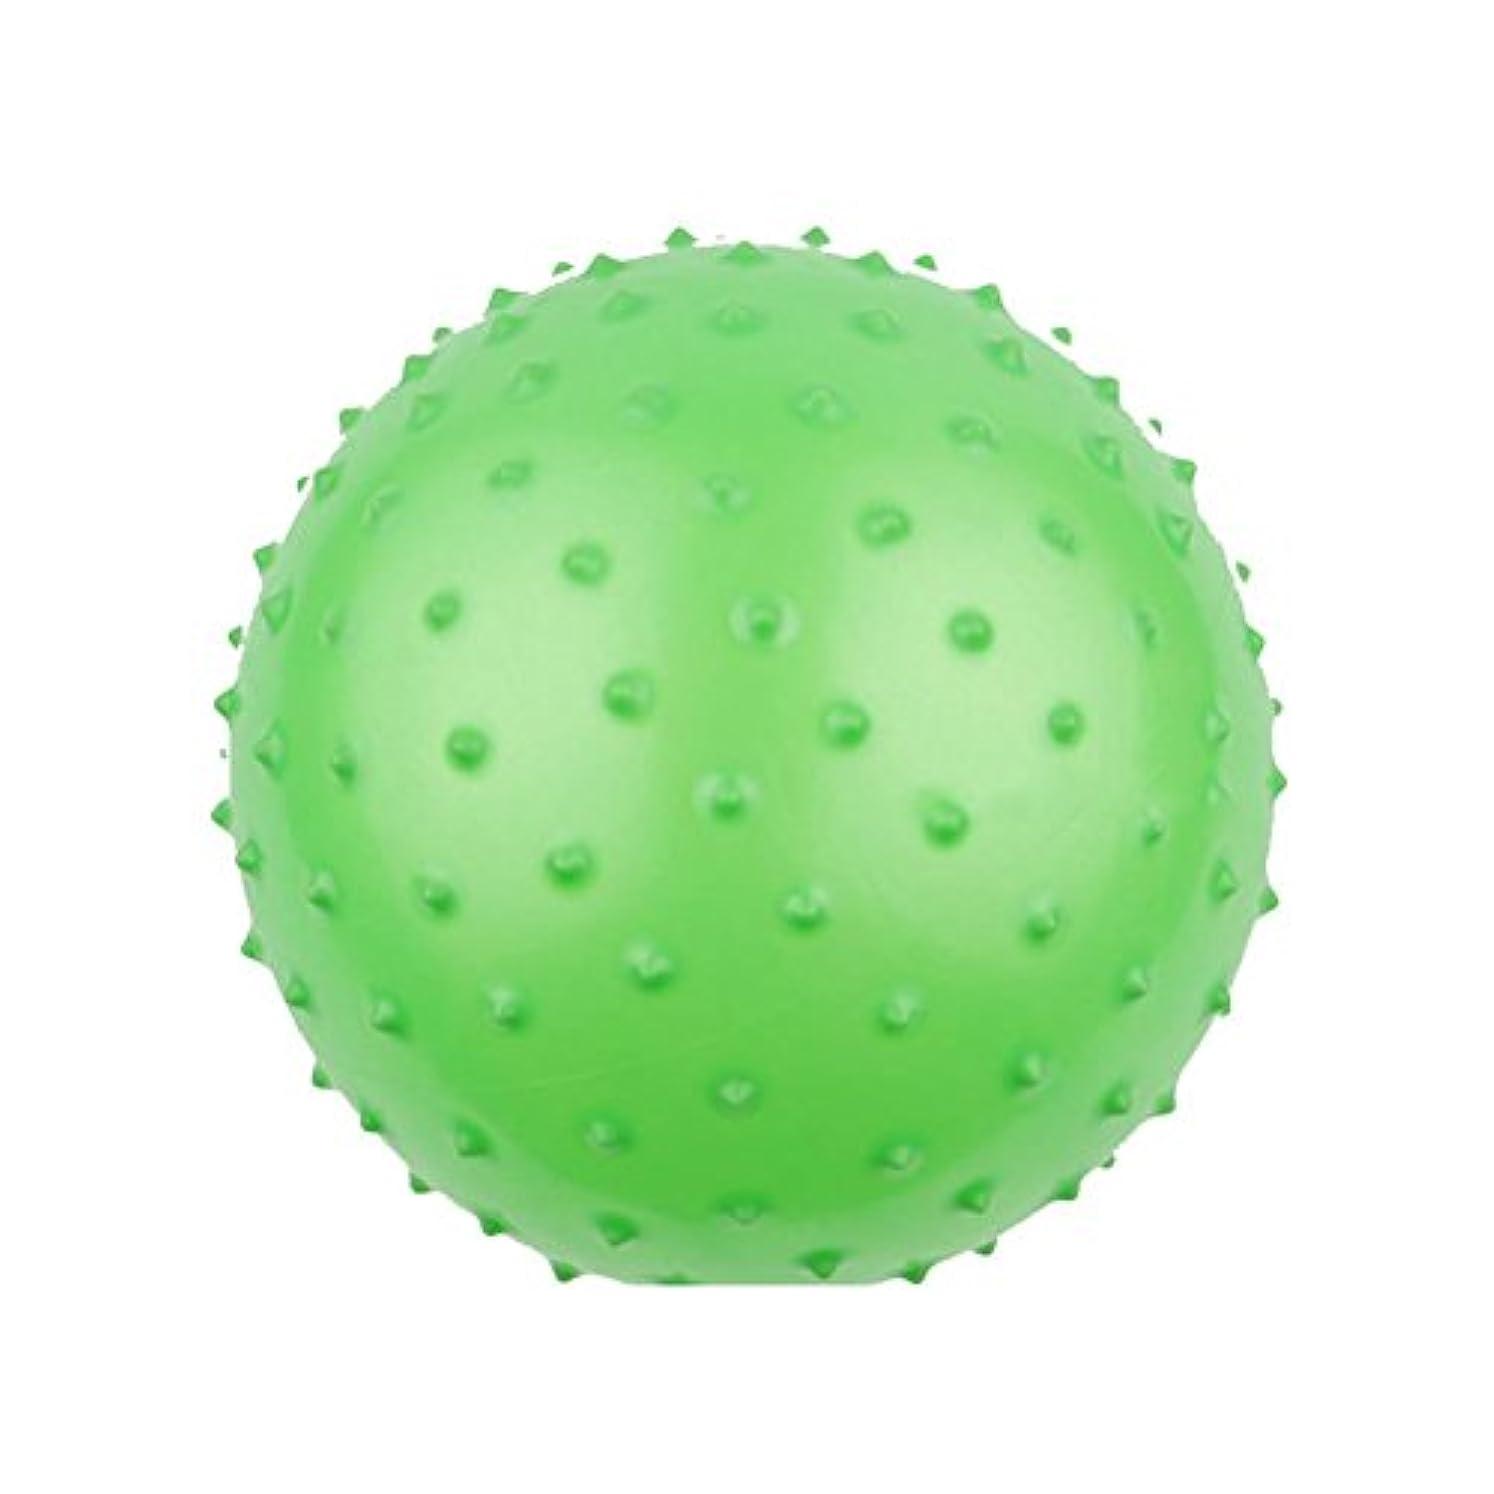 証言対称カールLiebeye 野球ボール 素敵な野球ボールマッサージボールキッズインフレータブルおもちゃのギフト装飾品(ランダムカラー) 28cmマッサージボール